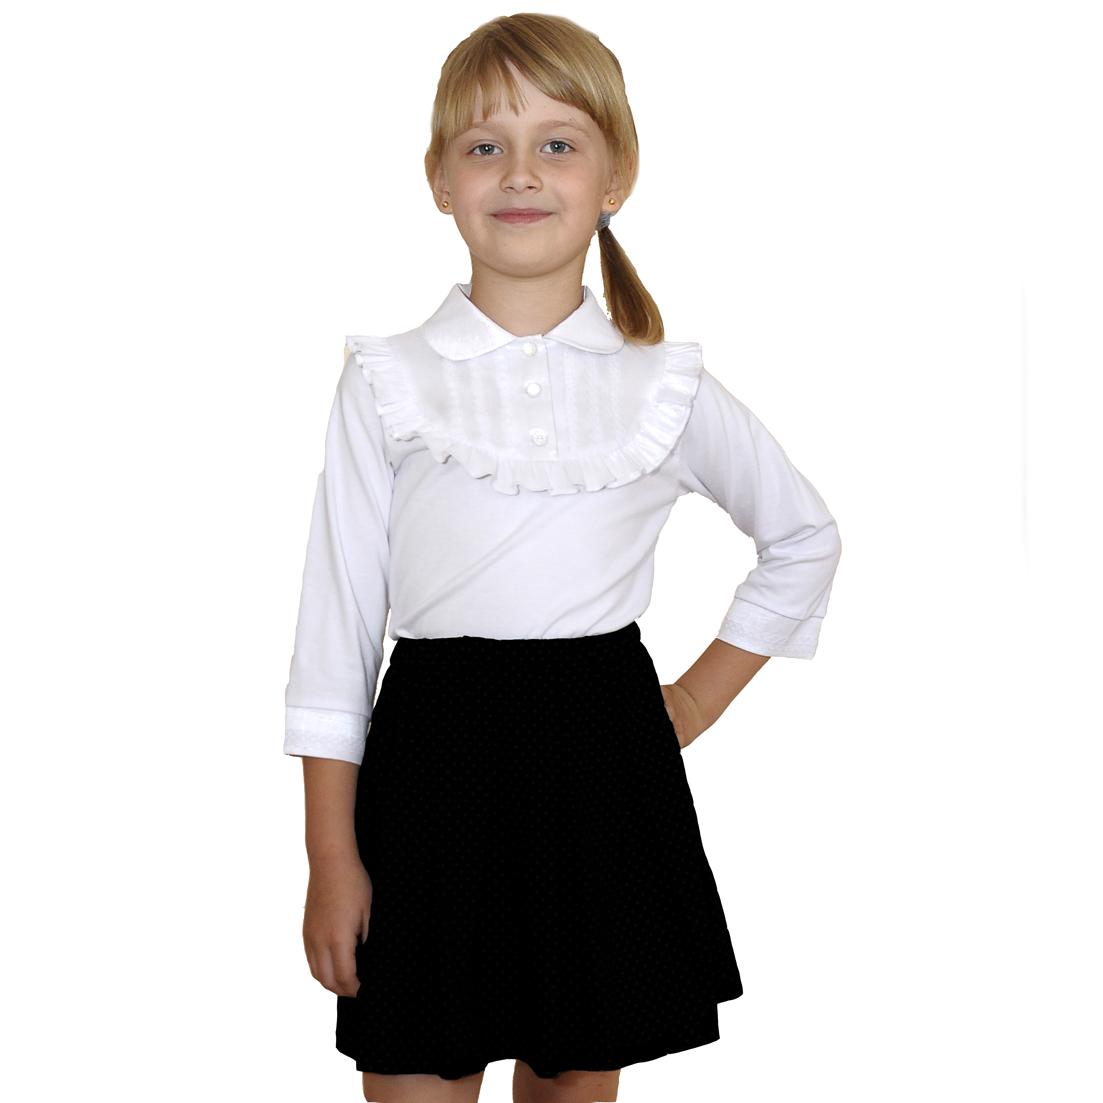 Белая Блузка Для Девочки В Нижнем Новгороде